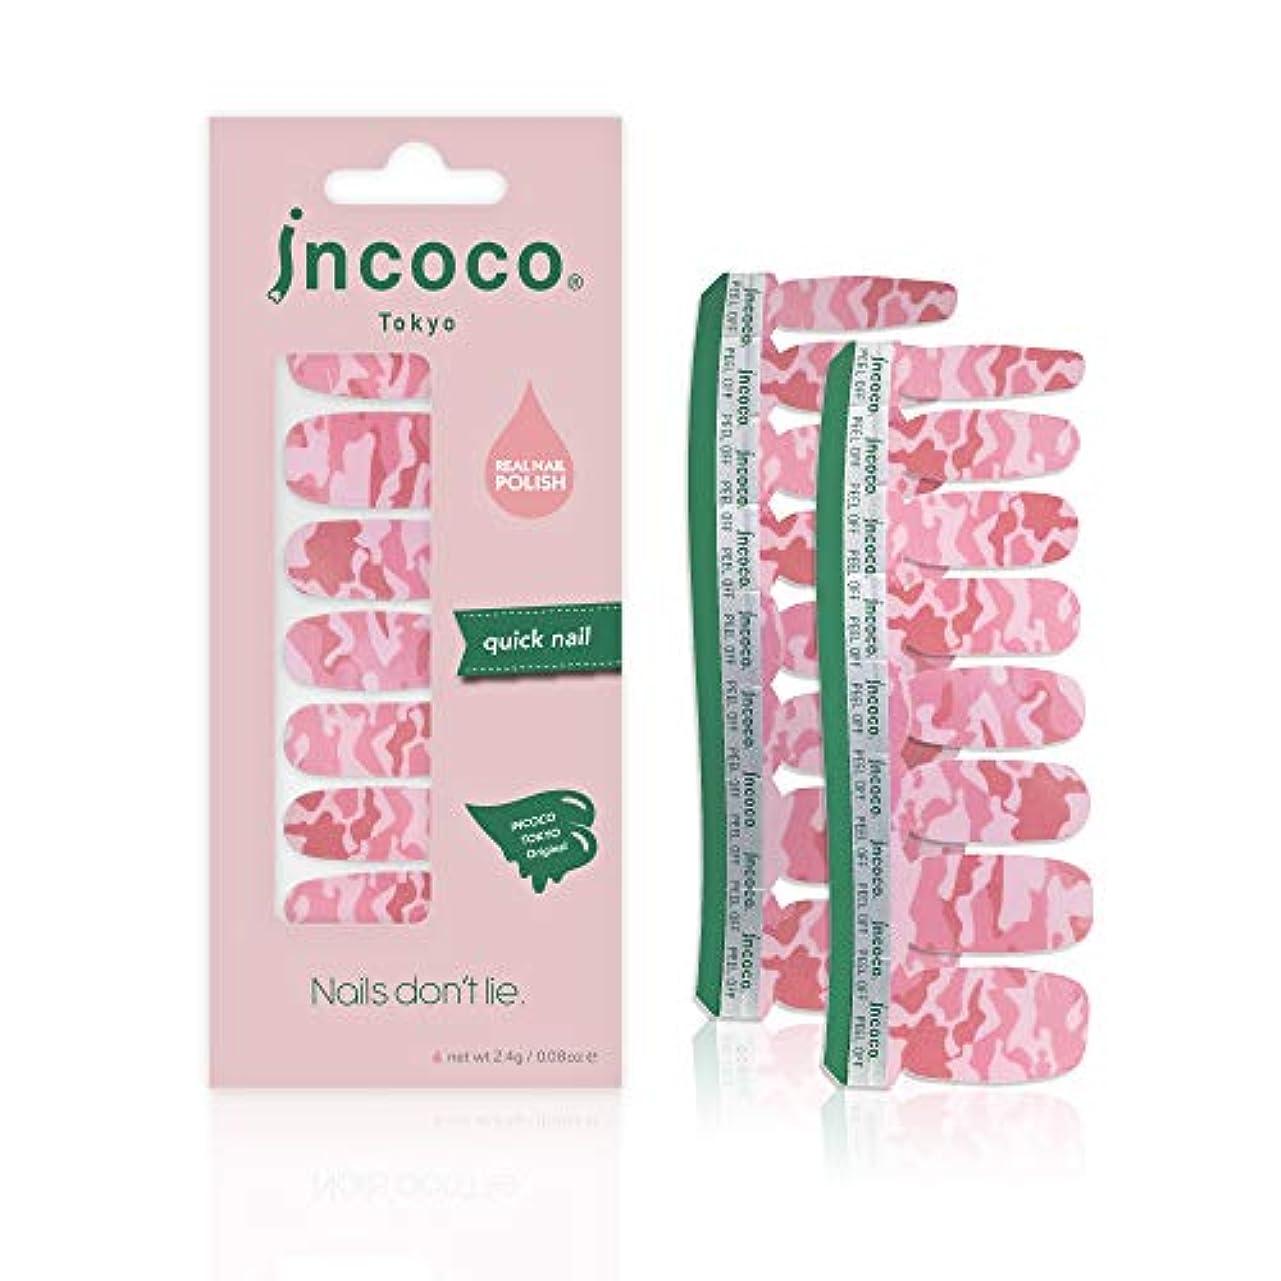 法医学無意味成熟インココ トーキョー 「ピンク カモ」 (Pink Camo)